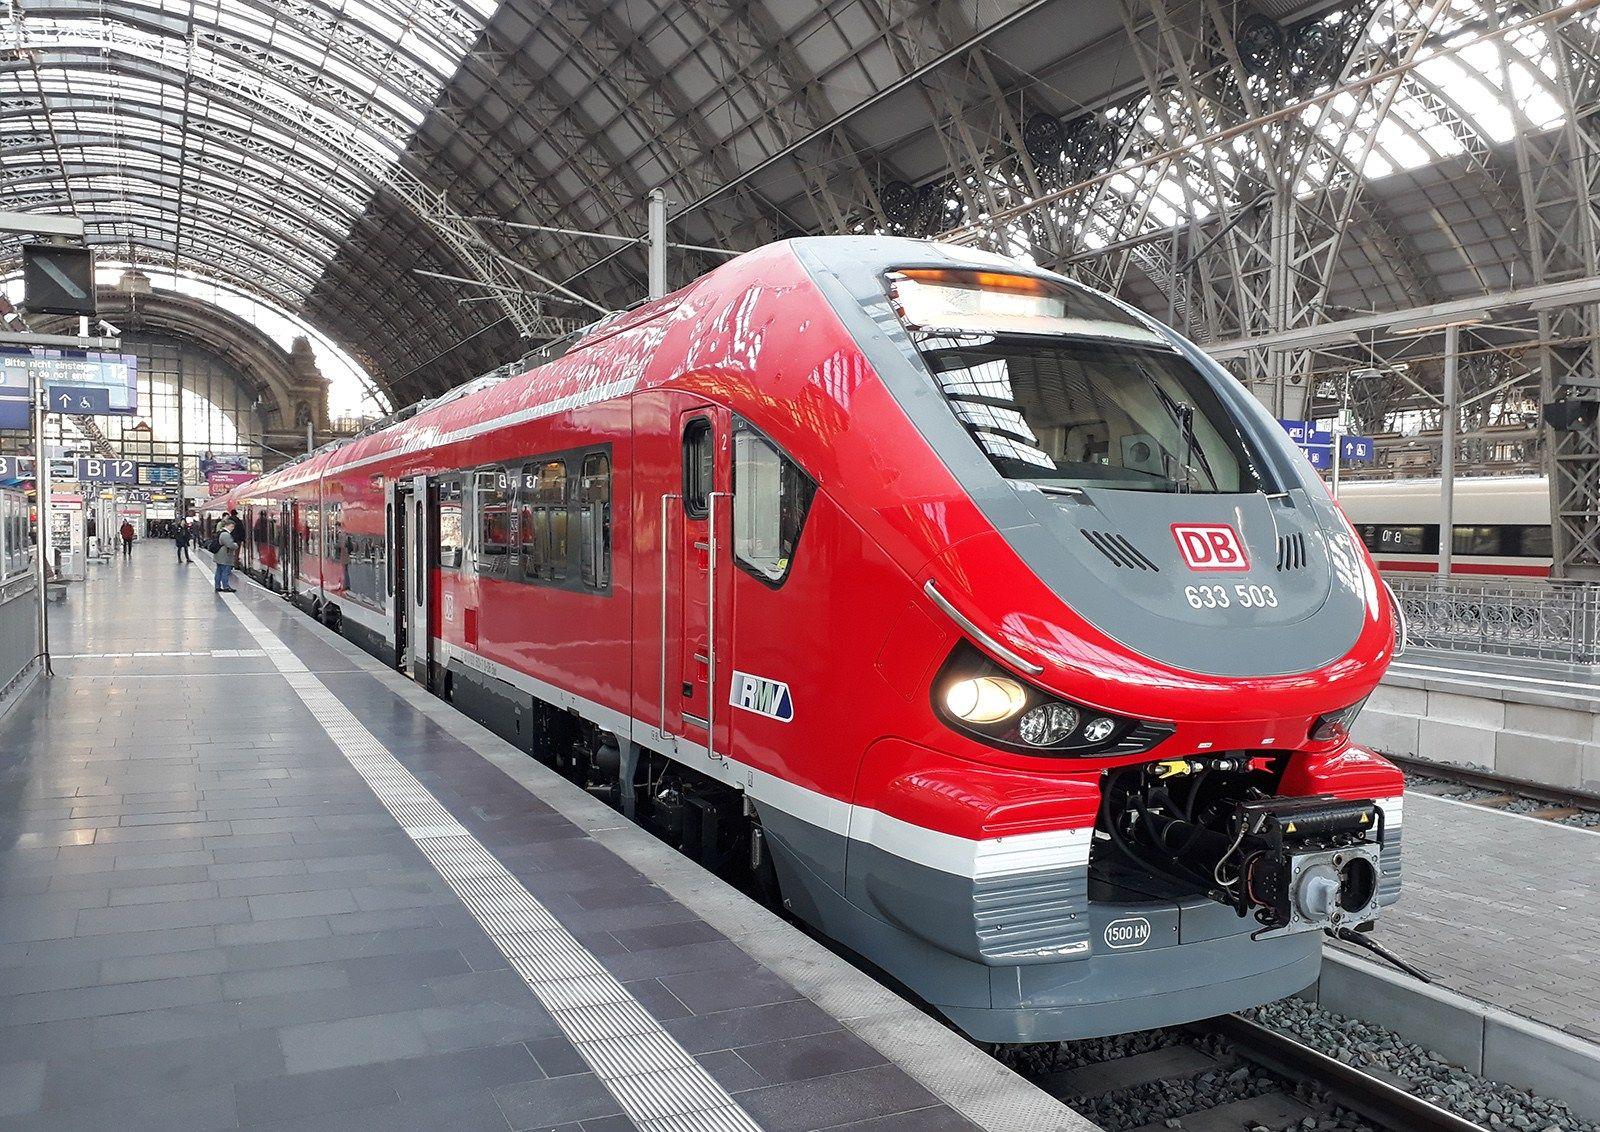 [DE] DB presents the Pesa Link for the Dreieichbahn